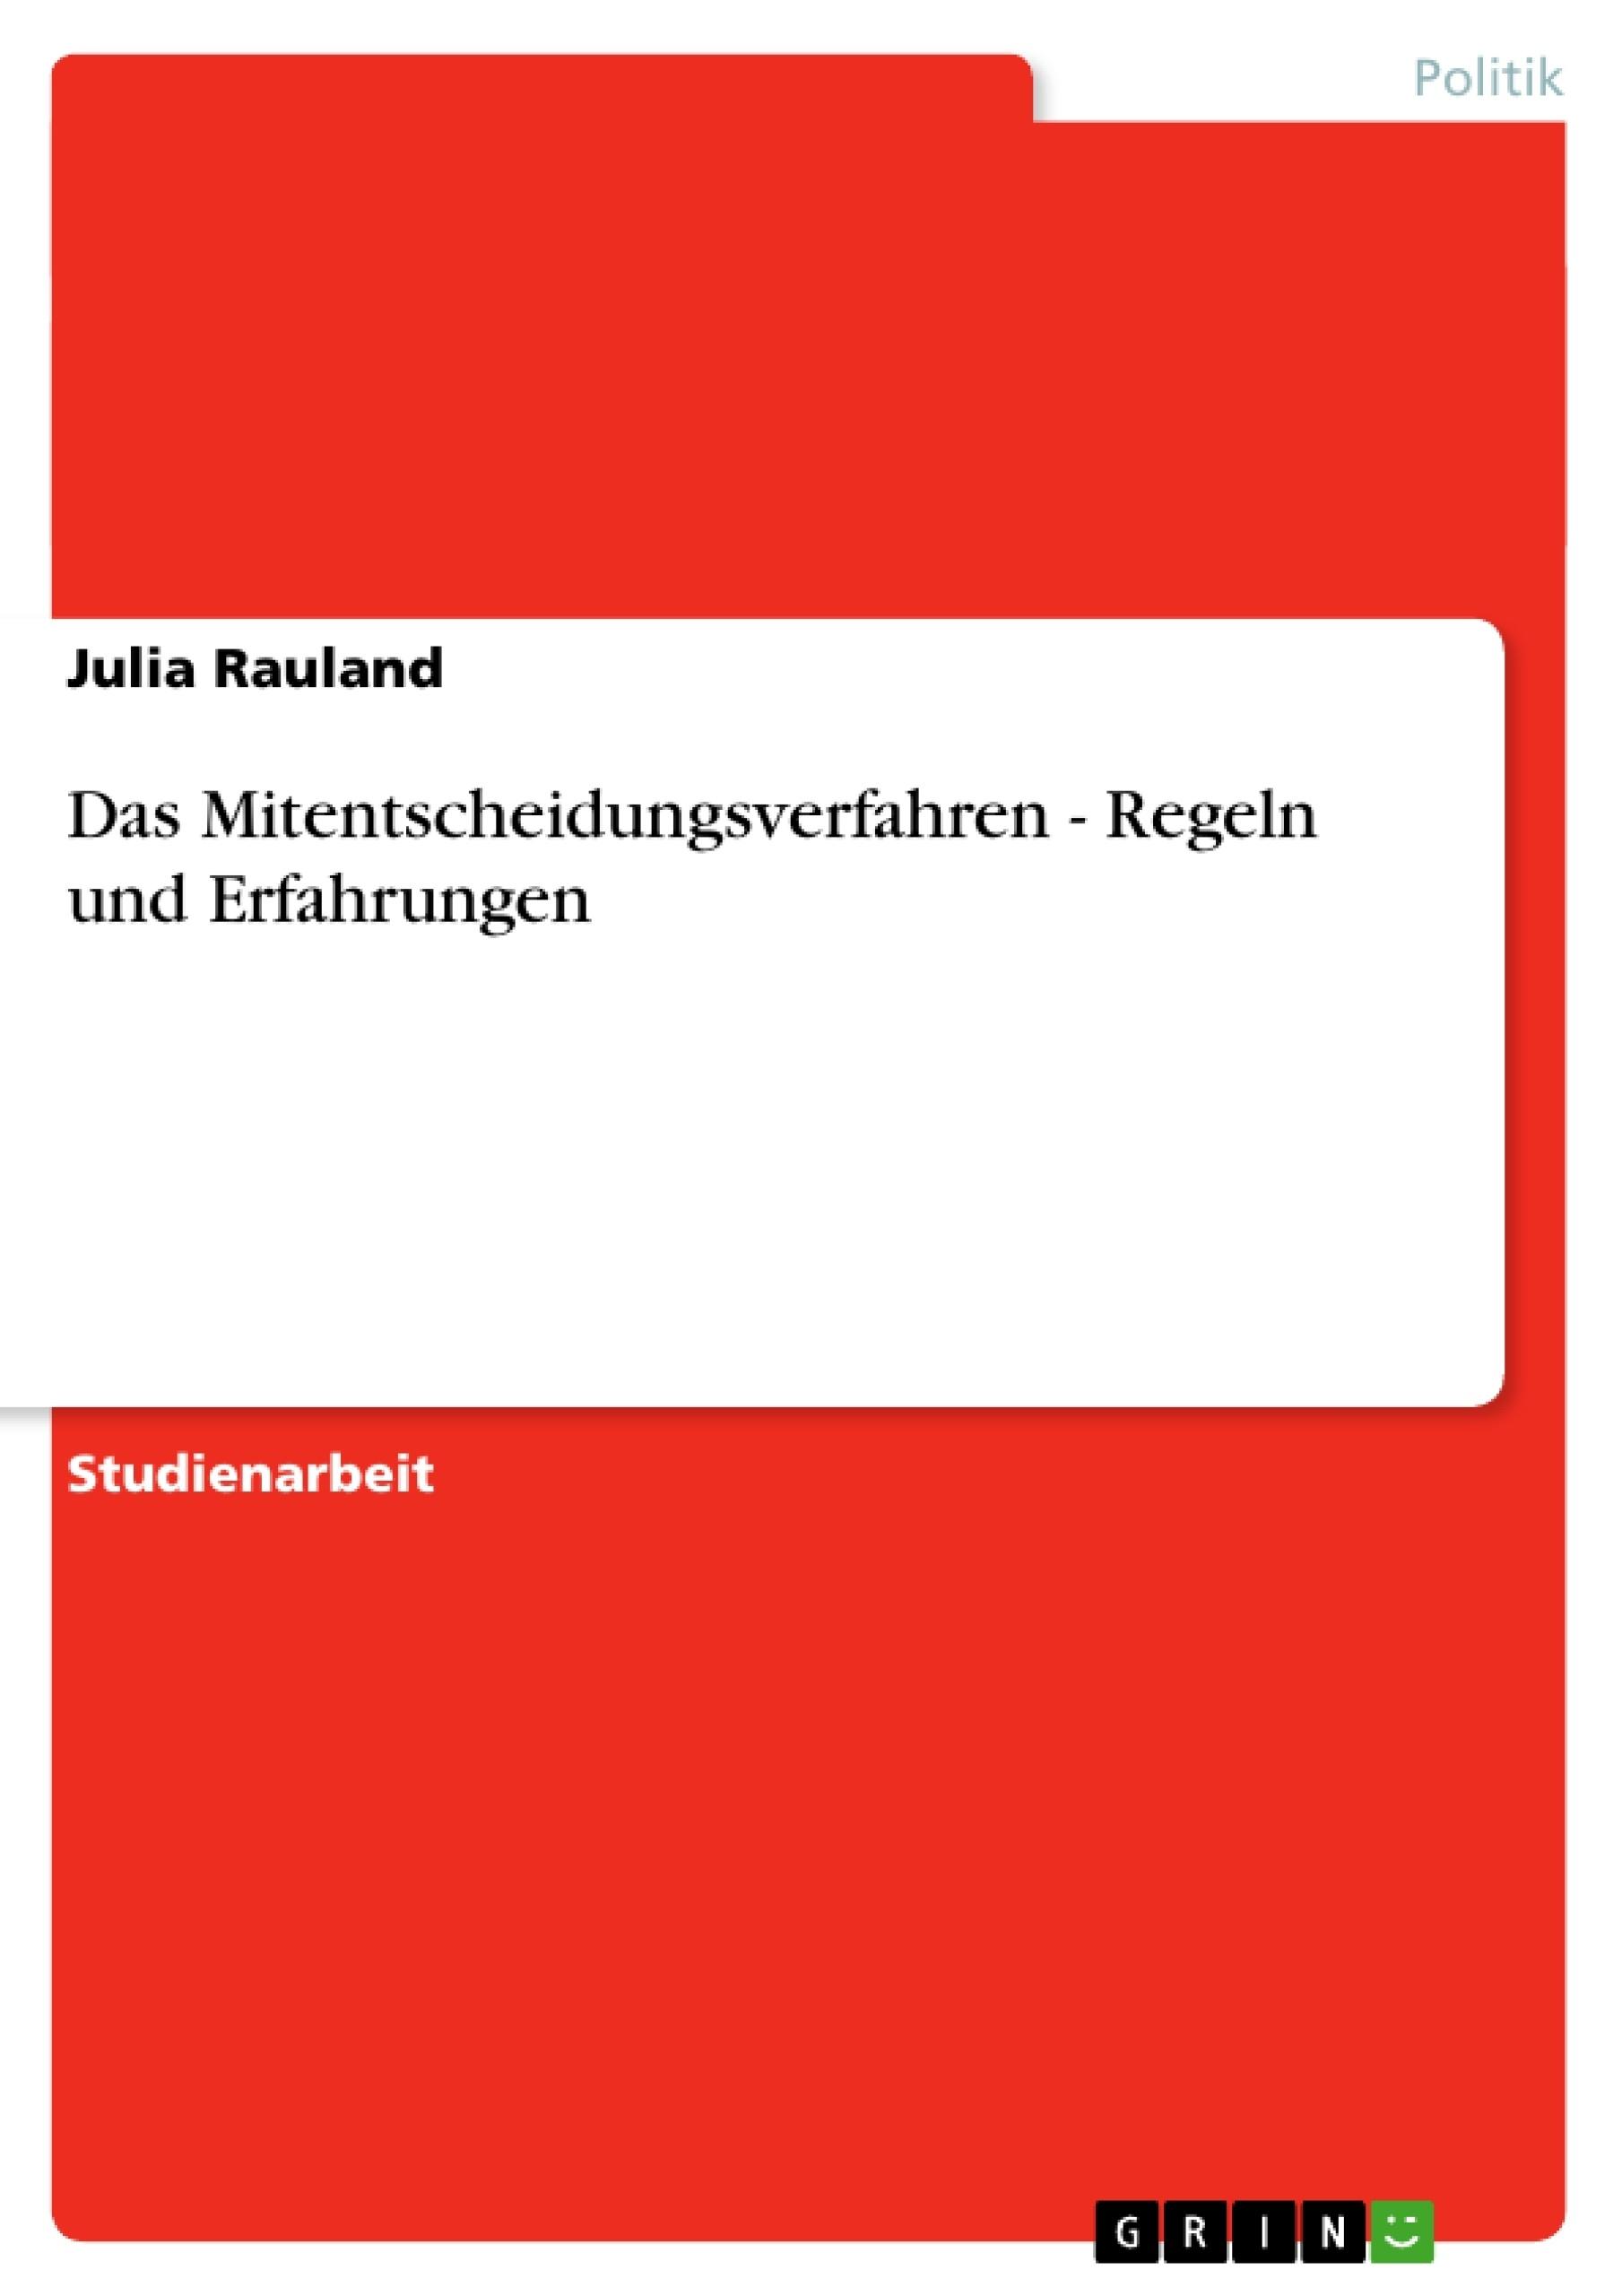 Titel: Das Mitentscheidungsverfahren - Regeln und Erfahrungen